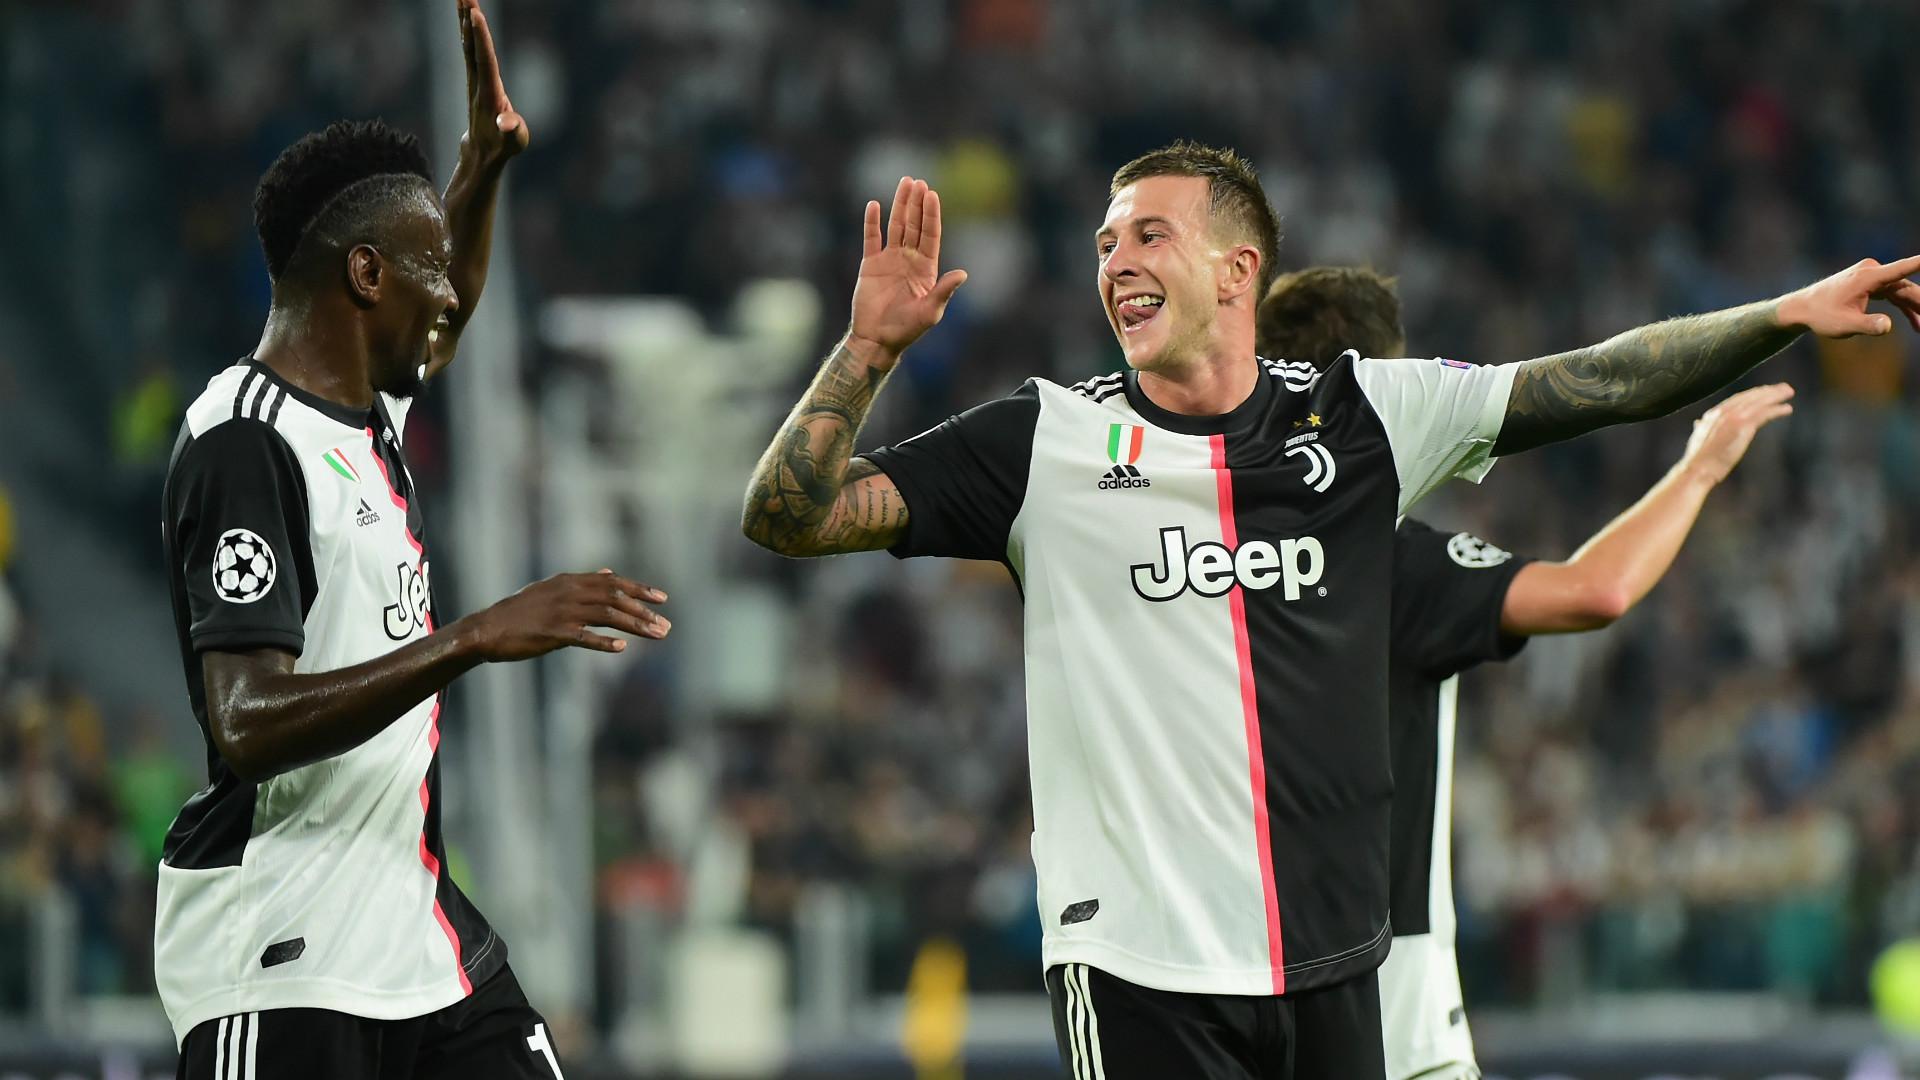 Bernardeschi Juventus Bayer leverkusen